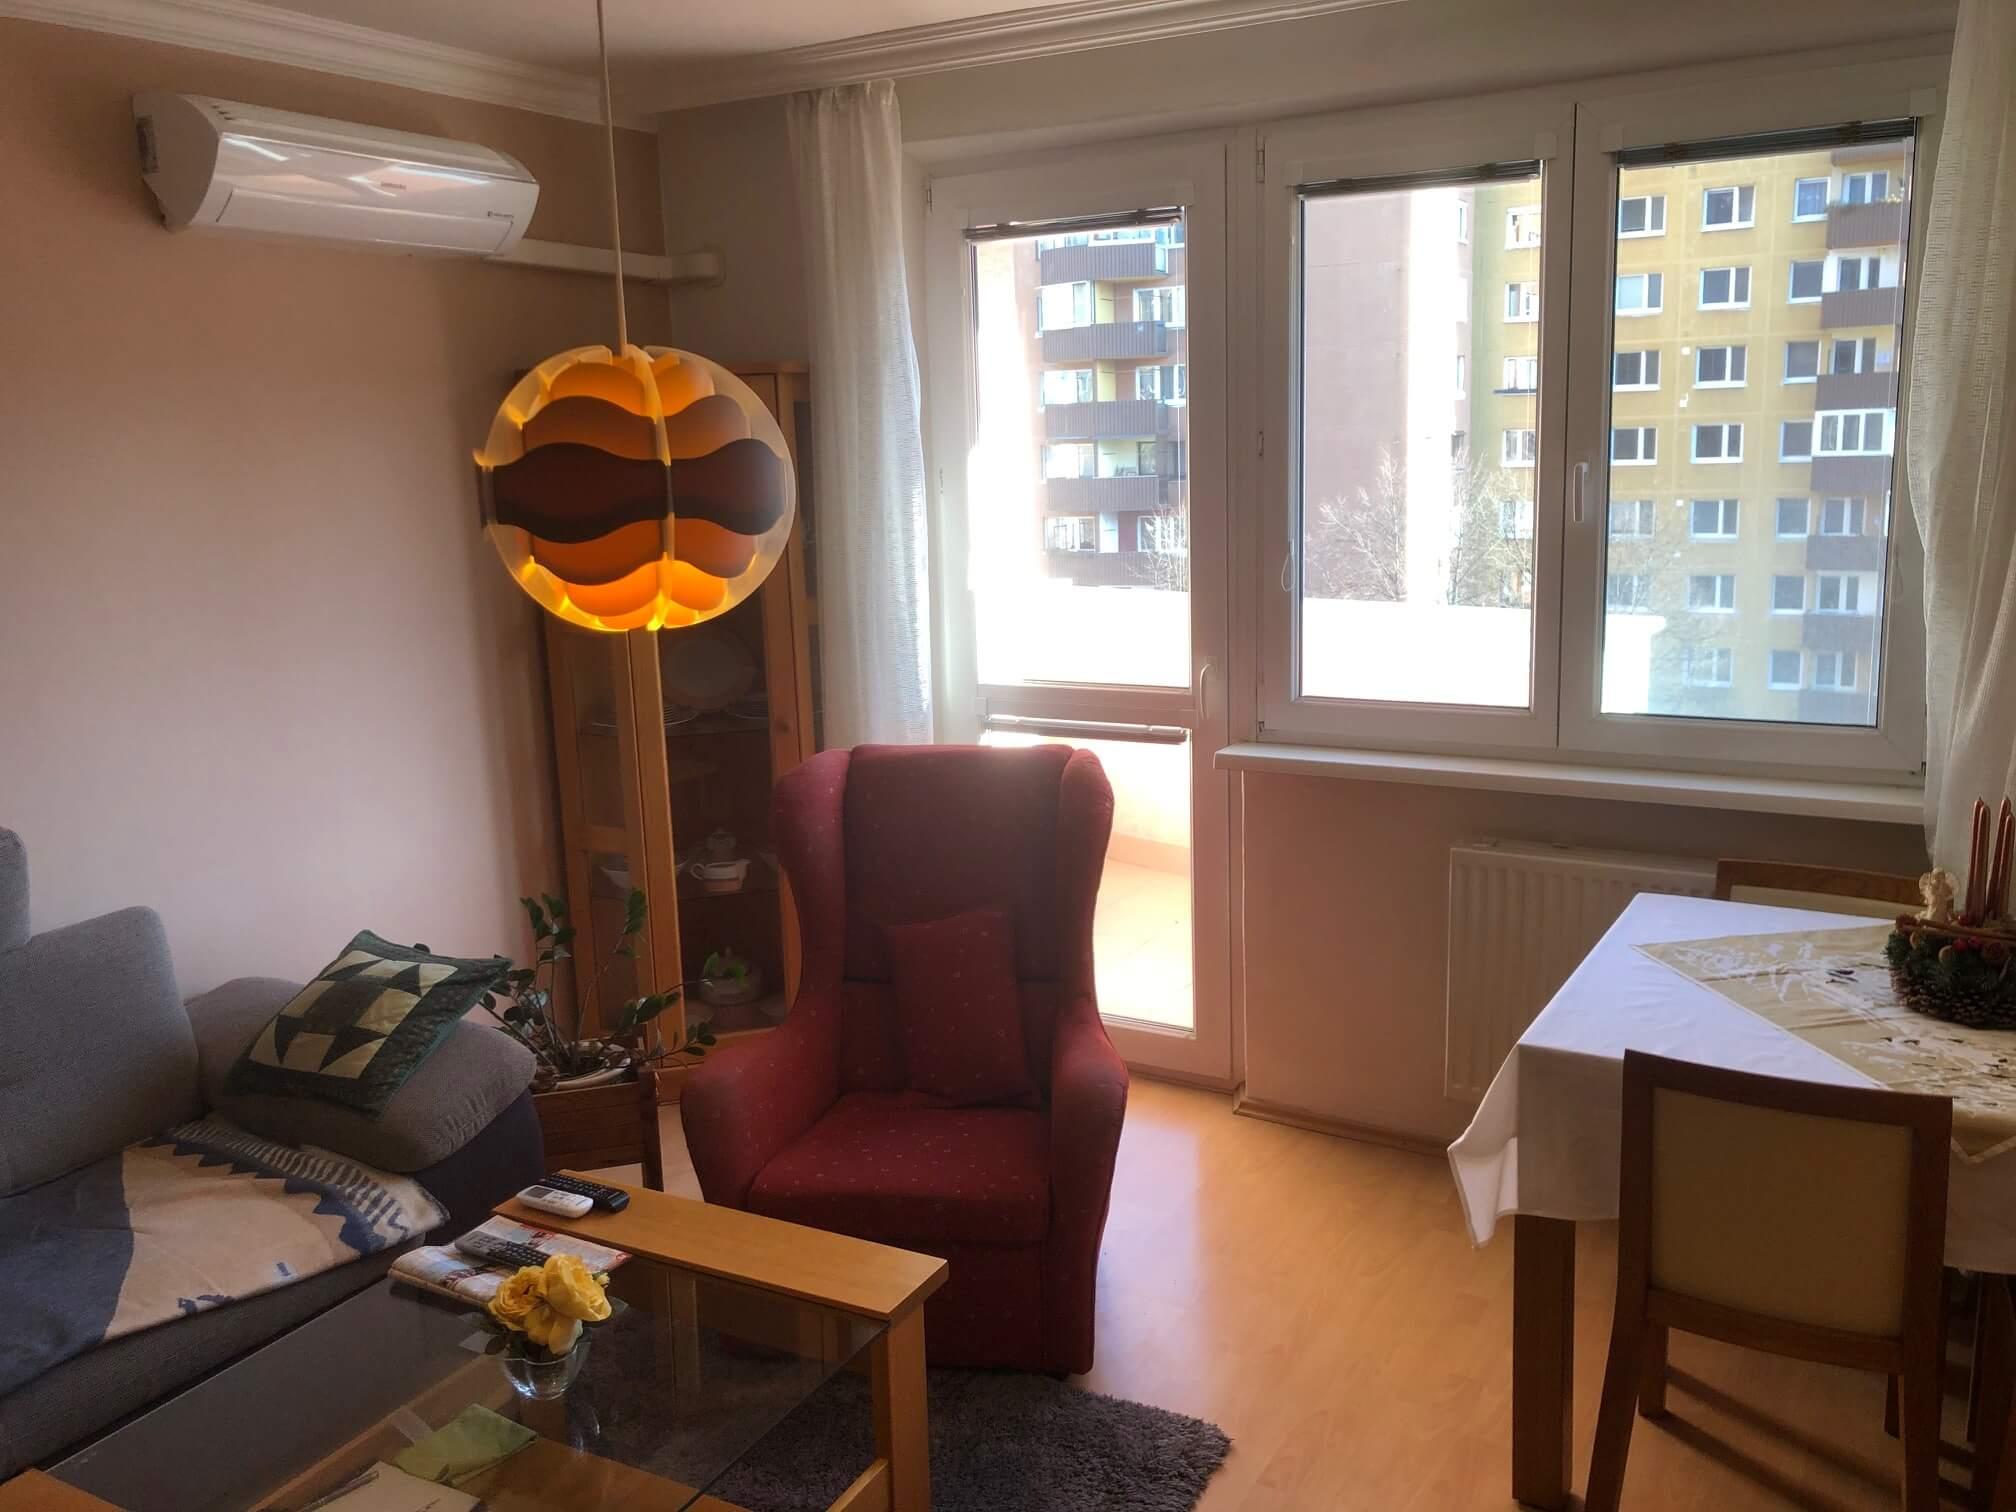 Exkluzívne na predaj 3 izbový byt, Devínska Nová Ves, Jána Poničana 3, 65m2, balkon 4m2,klimatizácia-2